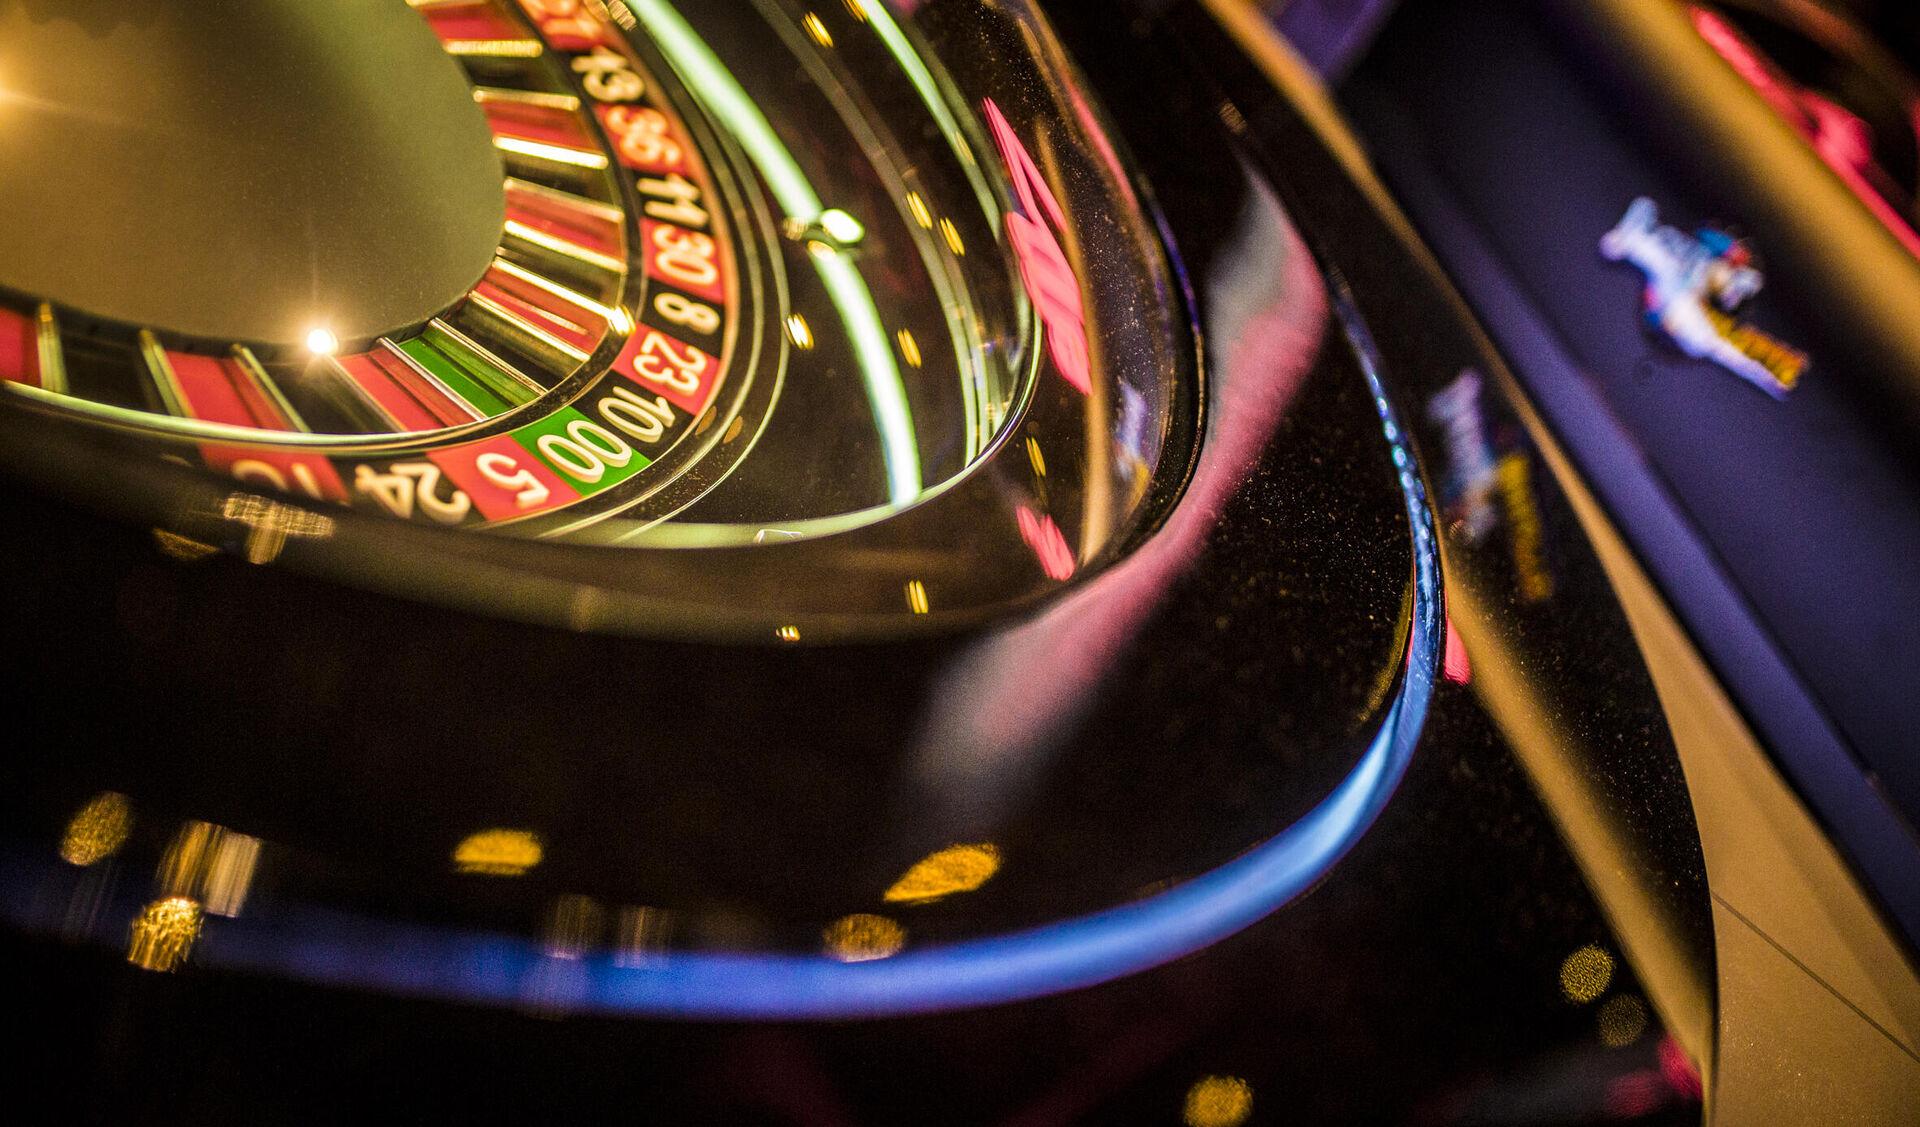 Napoleon Games - Casino Bekkevoort